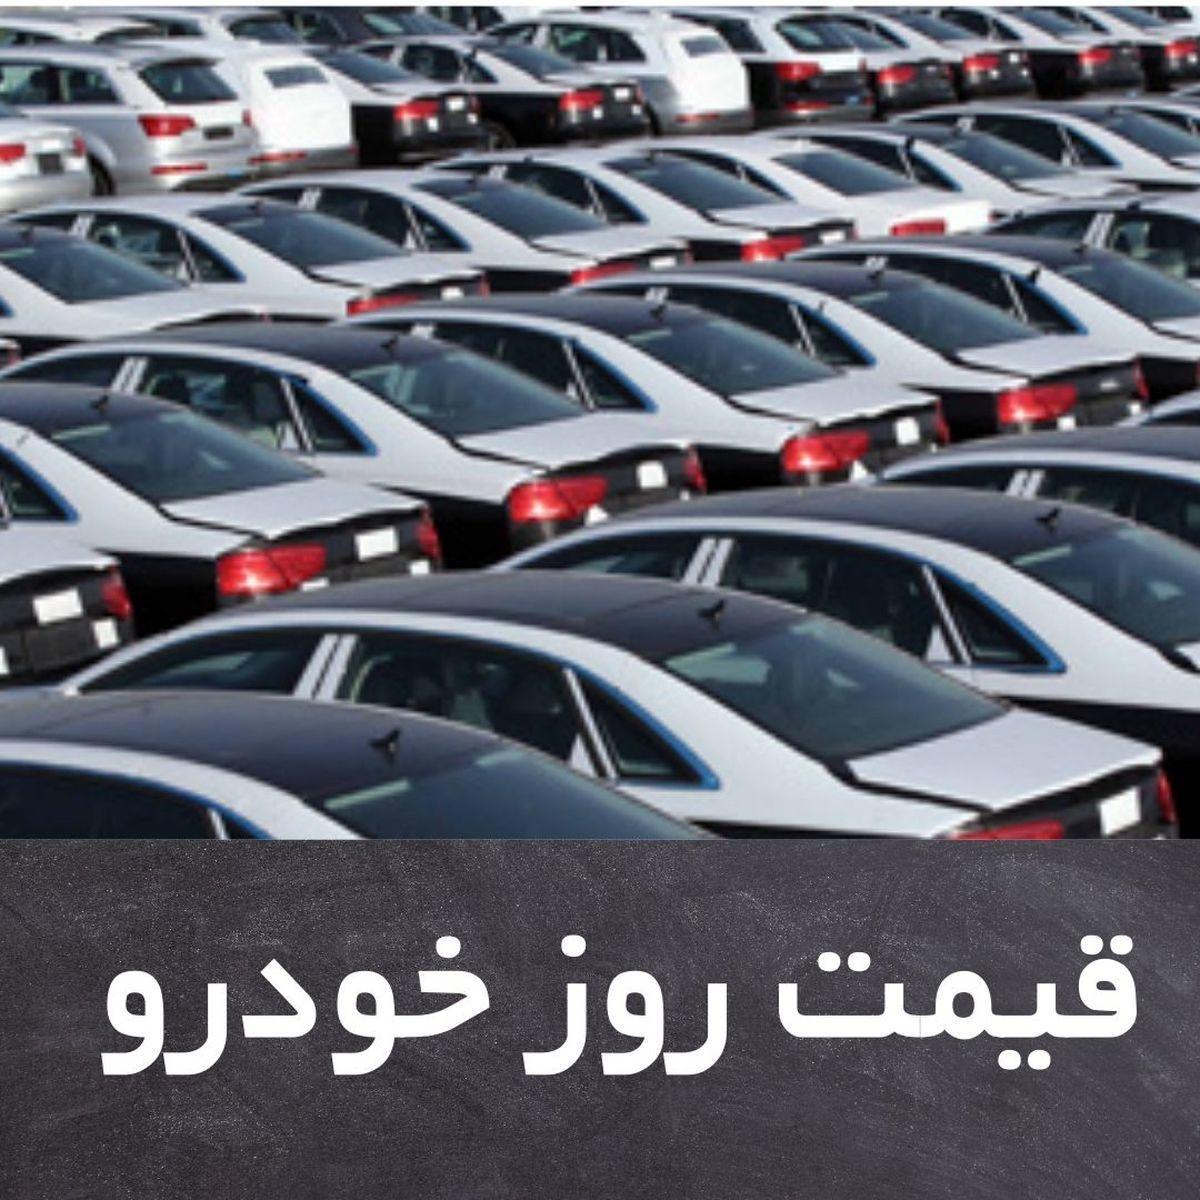 قیمت روز خودروهای سایپا + جدول